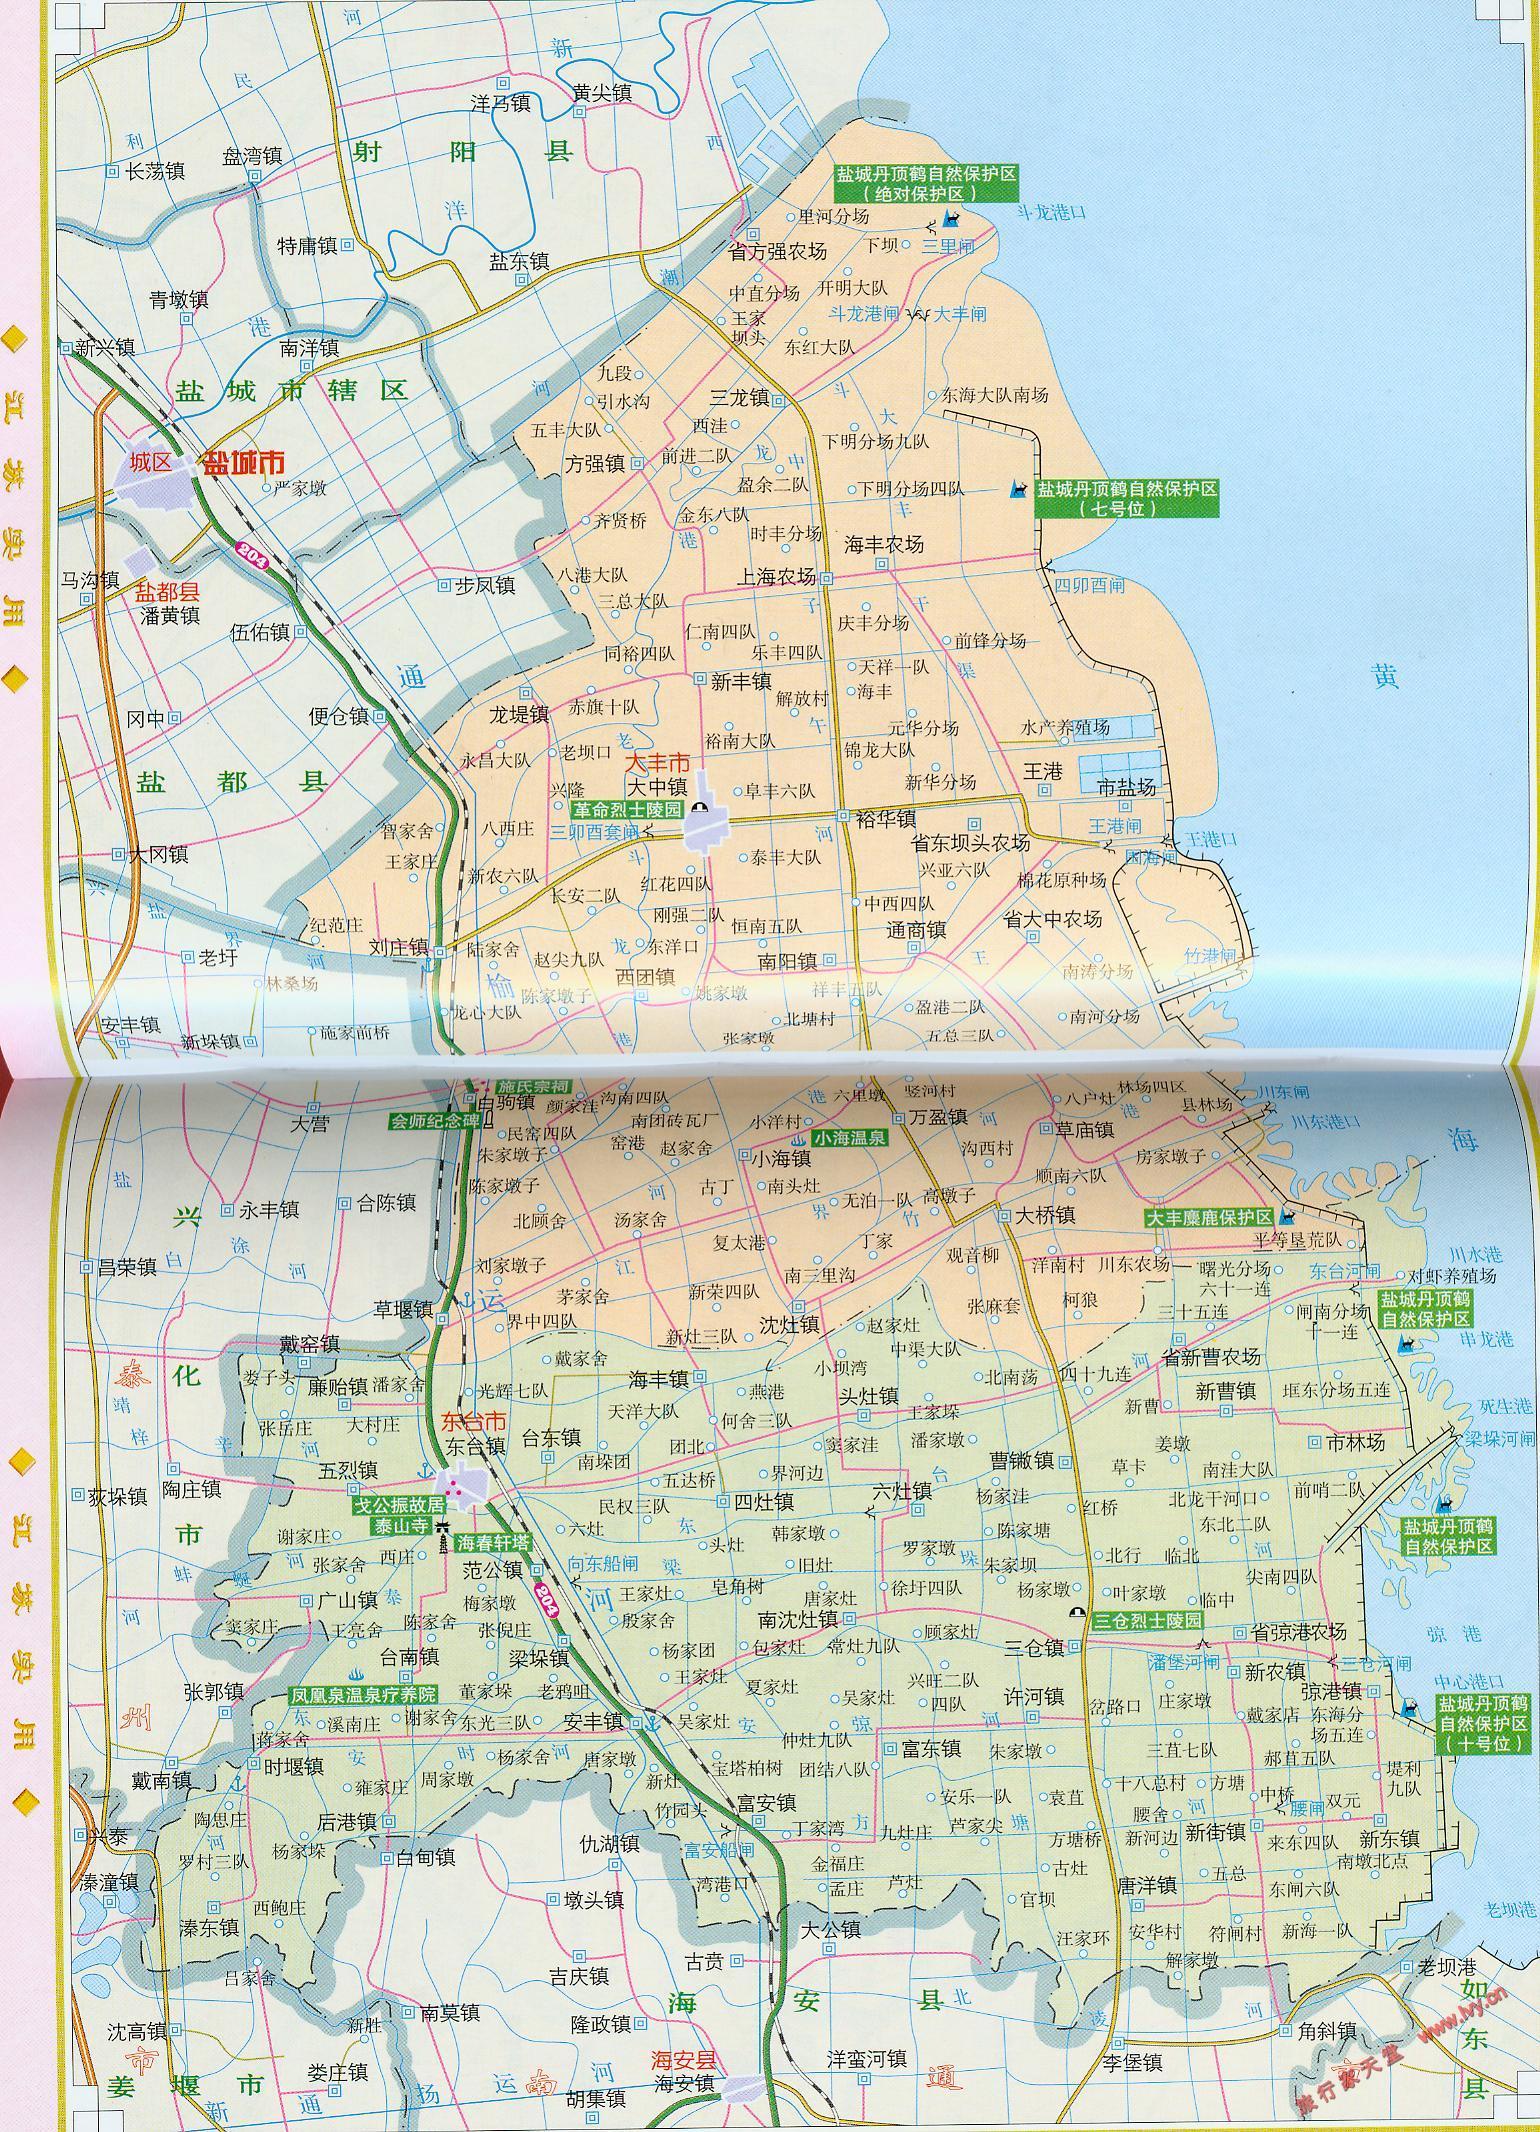 江苏盐城大丰地图_东台市地图【相关词_ 江苏省东台市地图】 - 随意贴